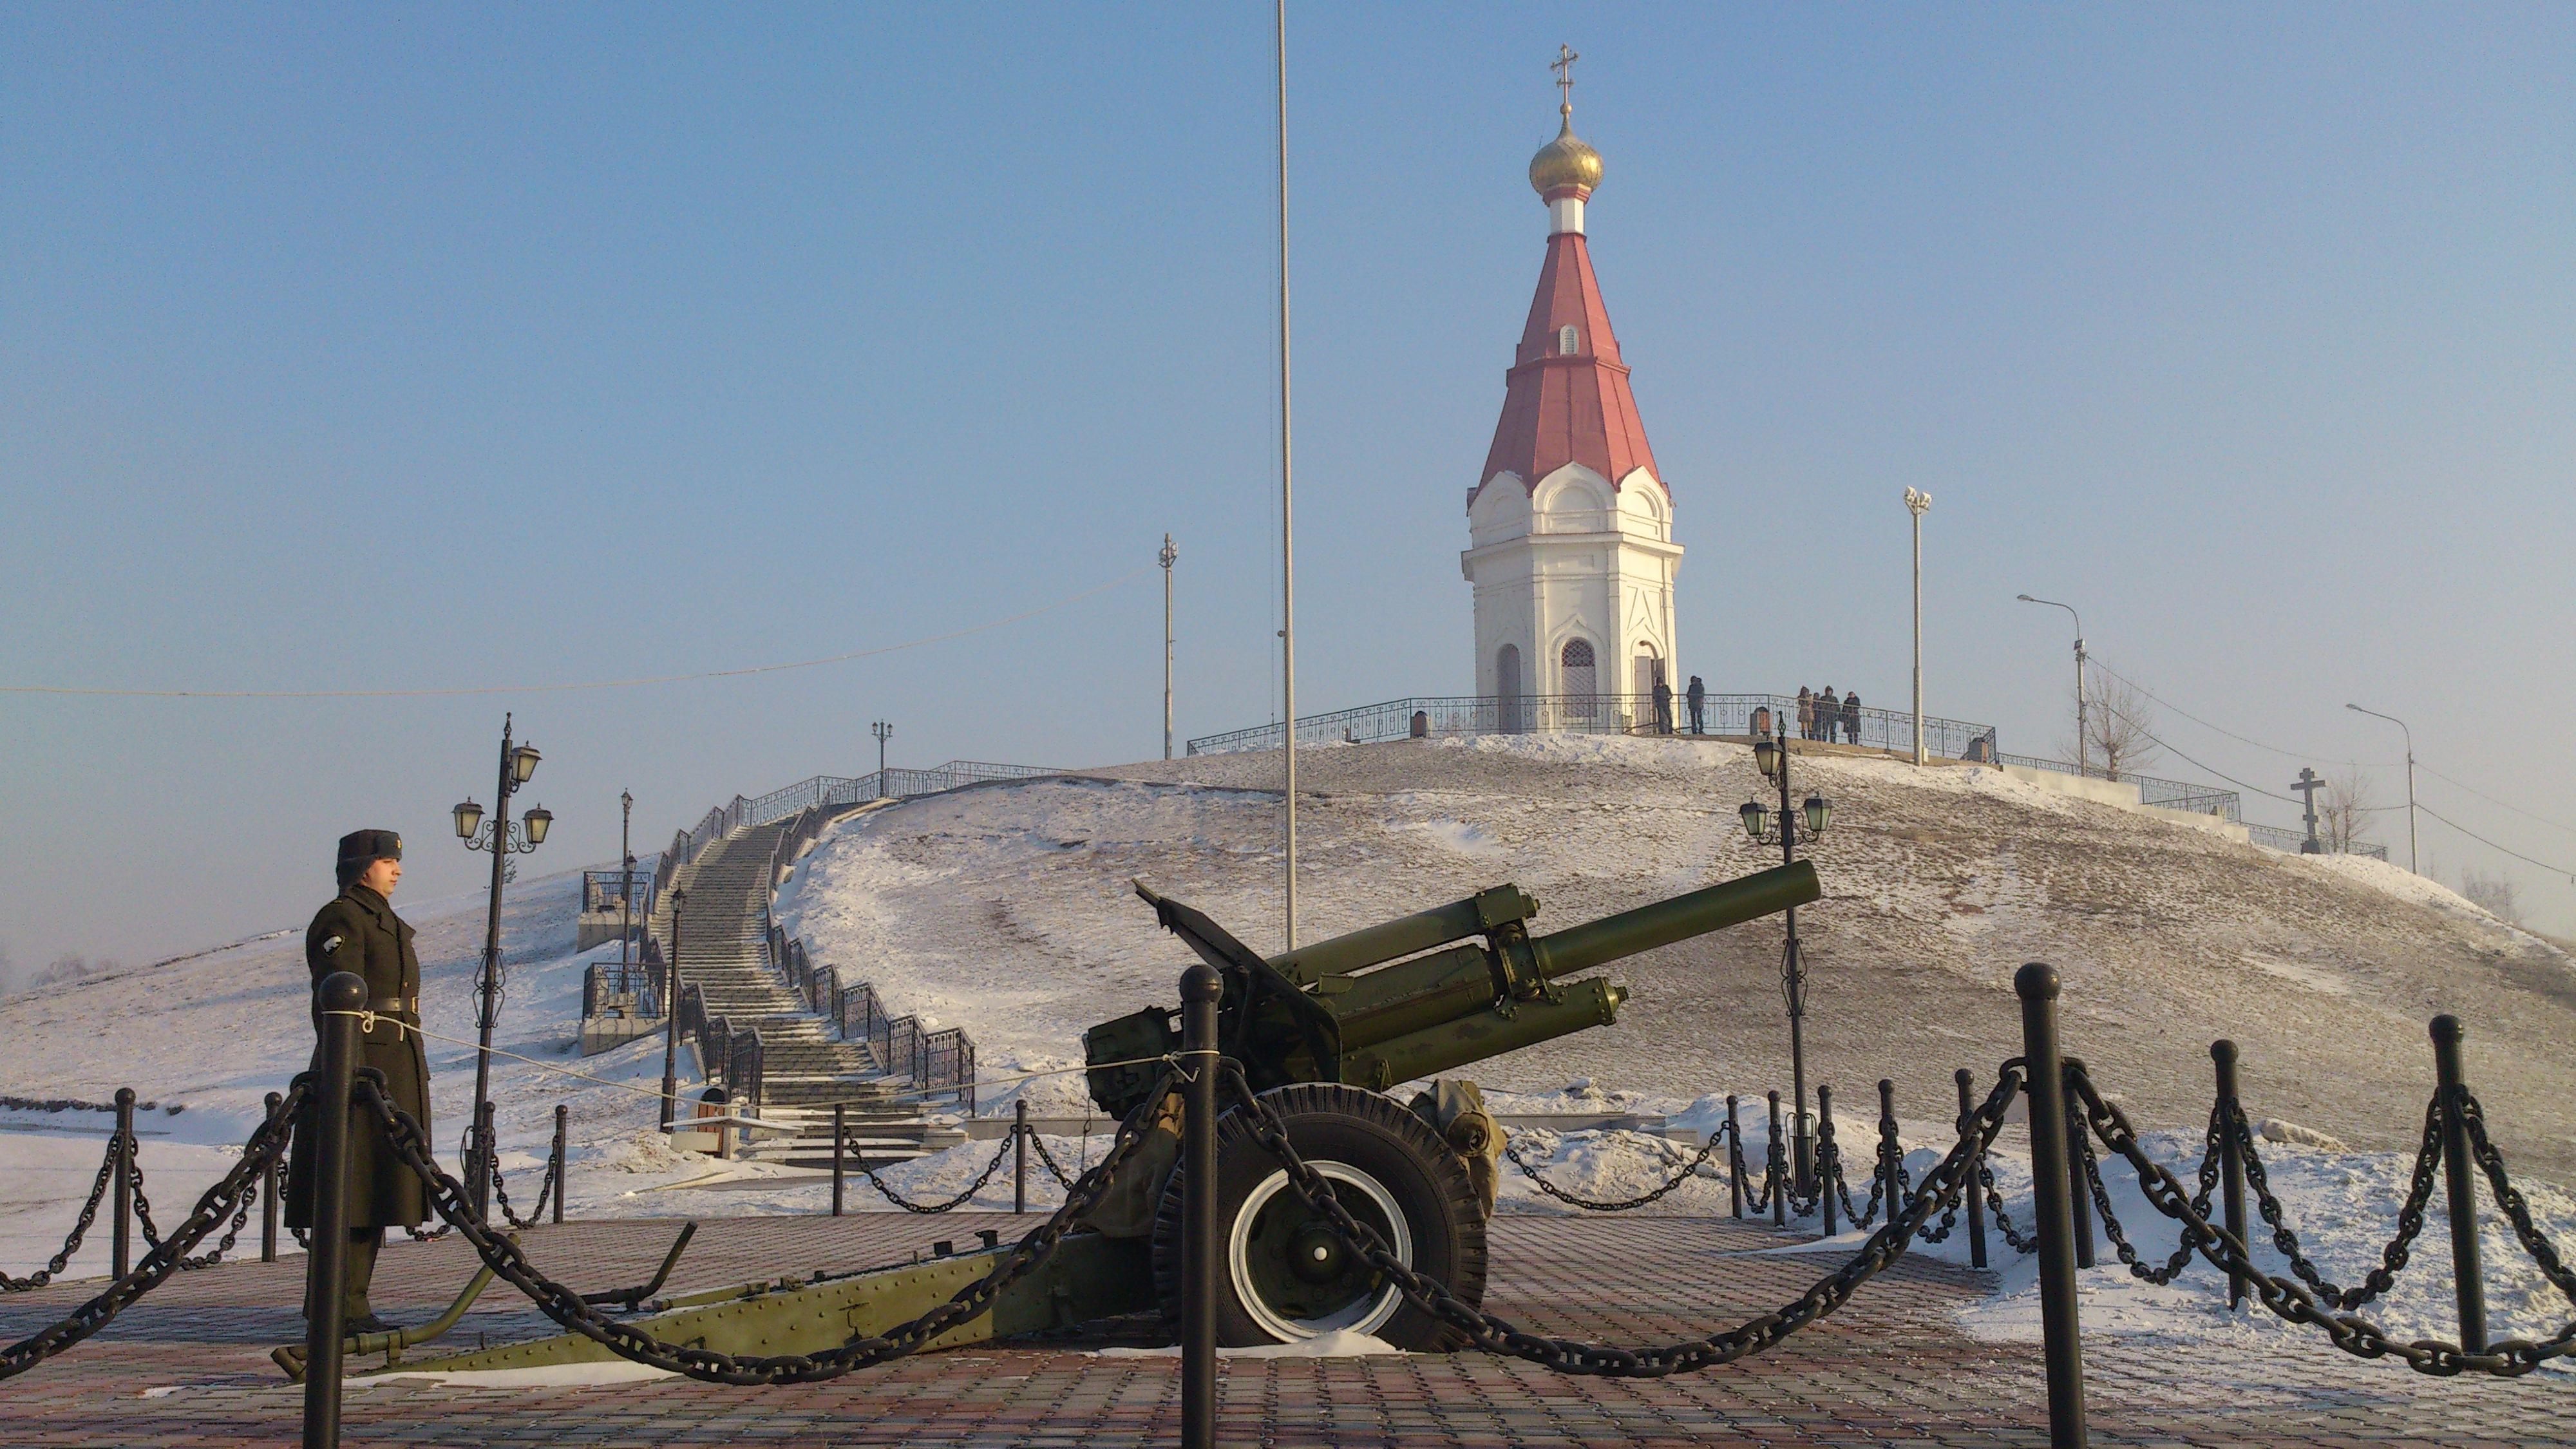 Красноярск Часовня.Пушка выстрелом оповещает город о наступлении полудня. 7.02.2013 года